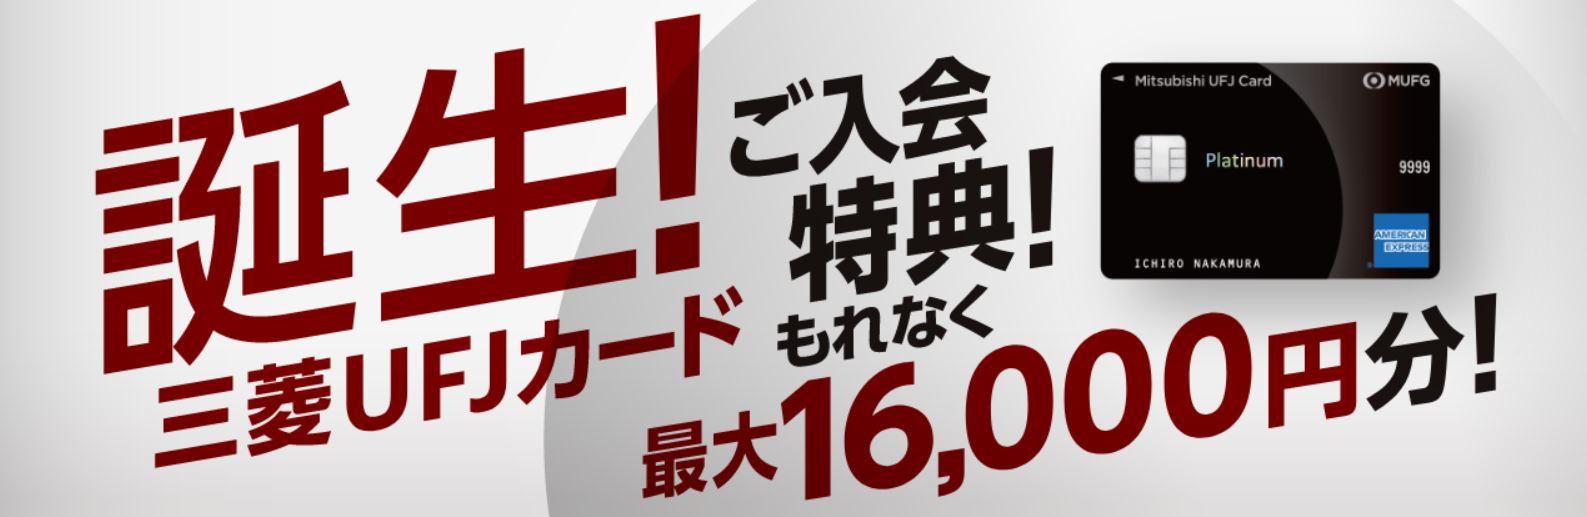 三菱UFJカードプラチナ最大16,000円キャンペーン